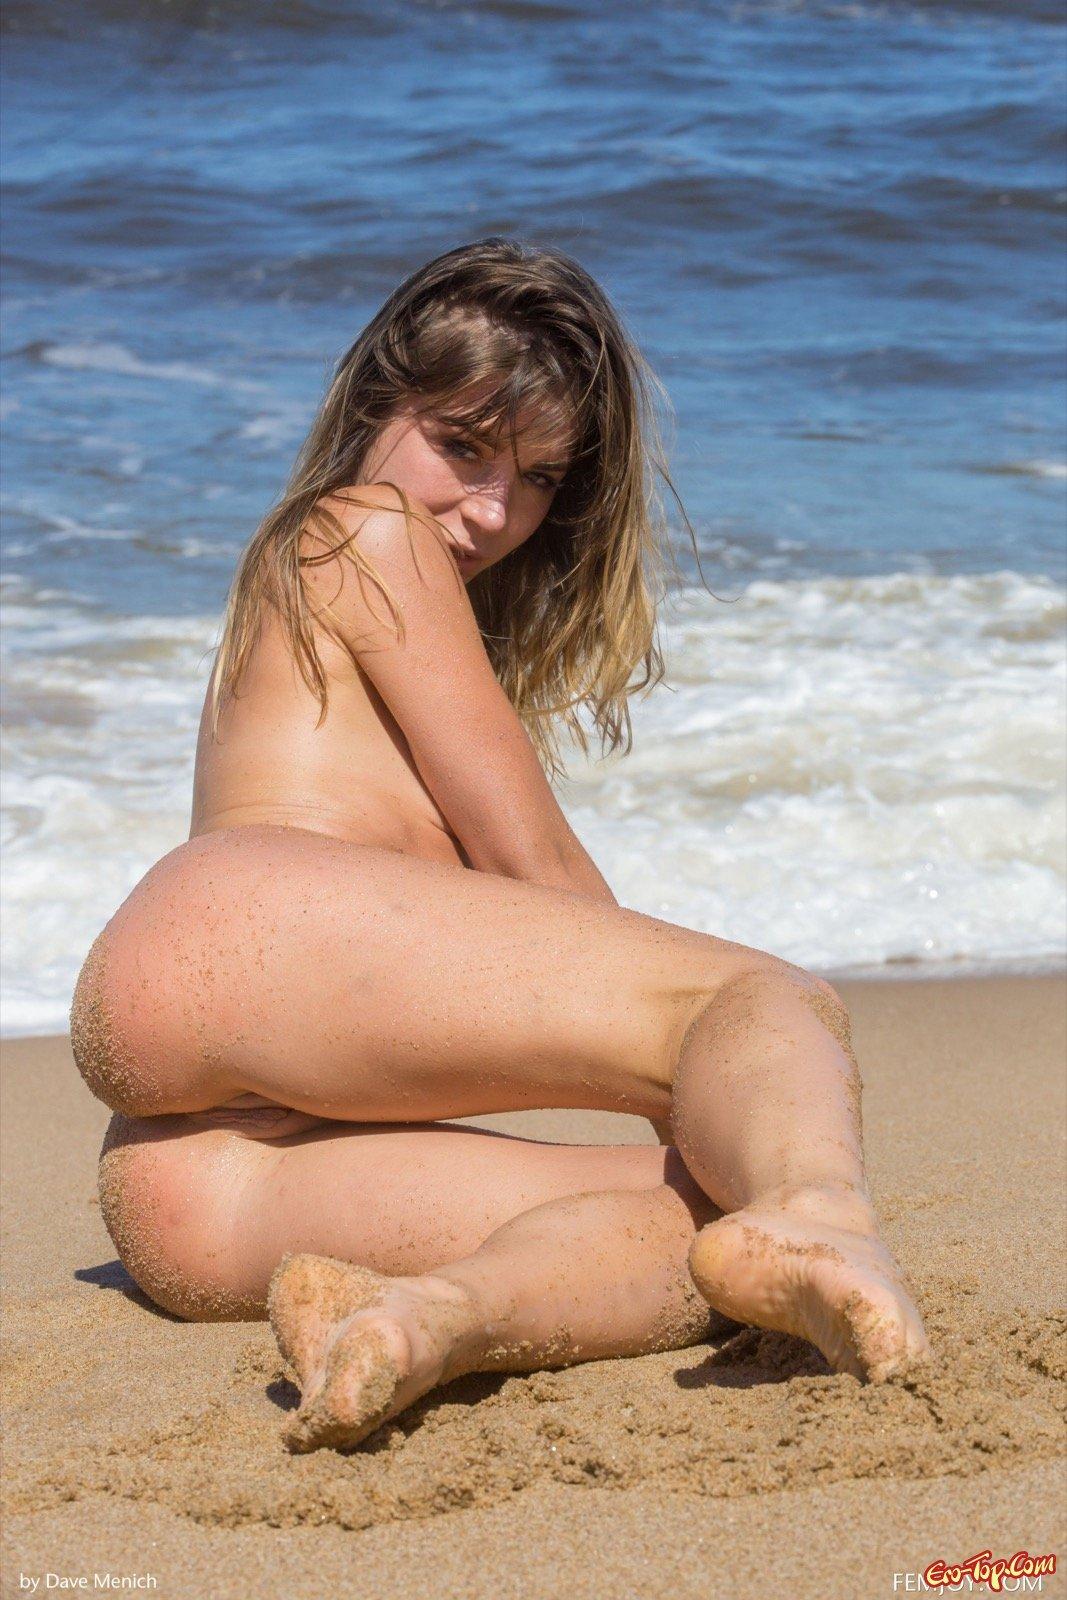 Голая девица купается в море смотреть эротику